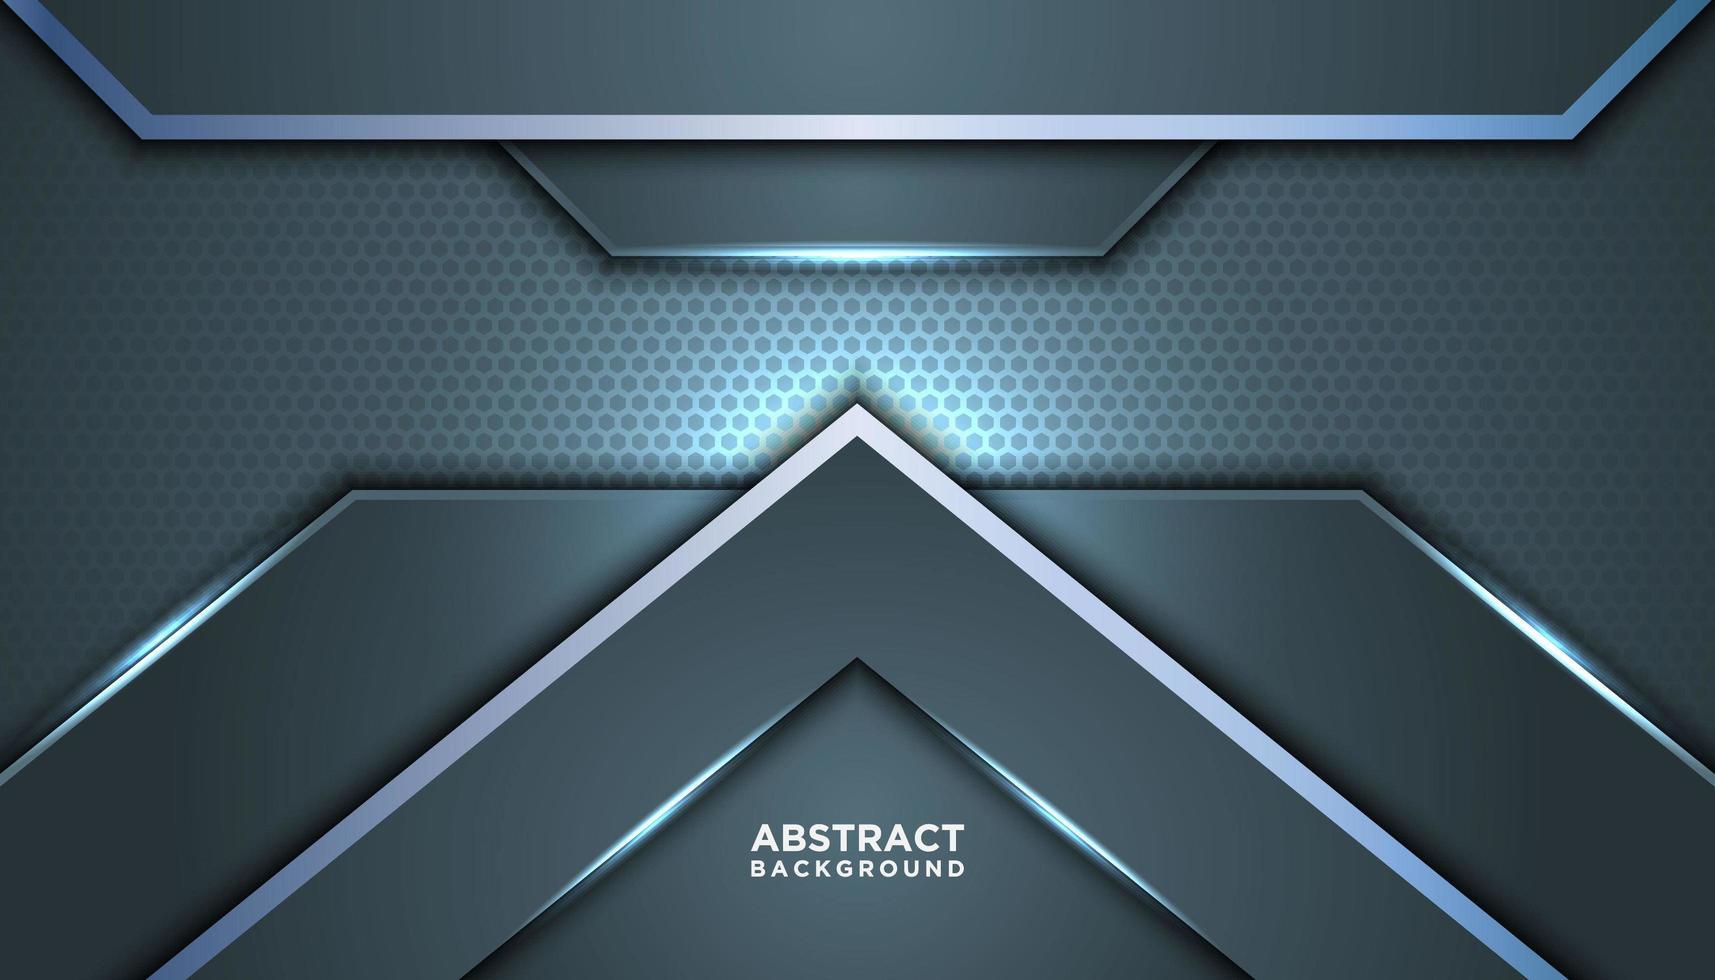 futuristischer grauer blauer abstrakter Hintergrund vektor